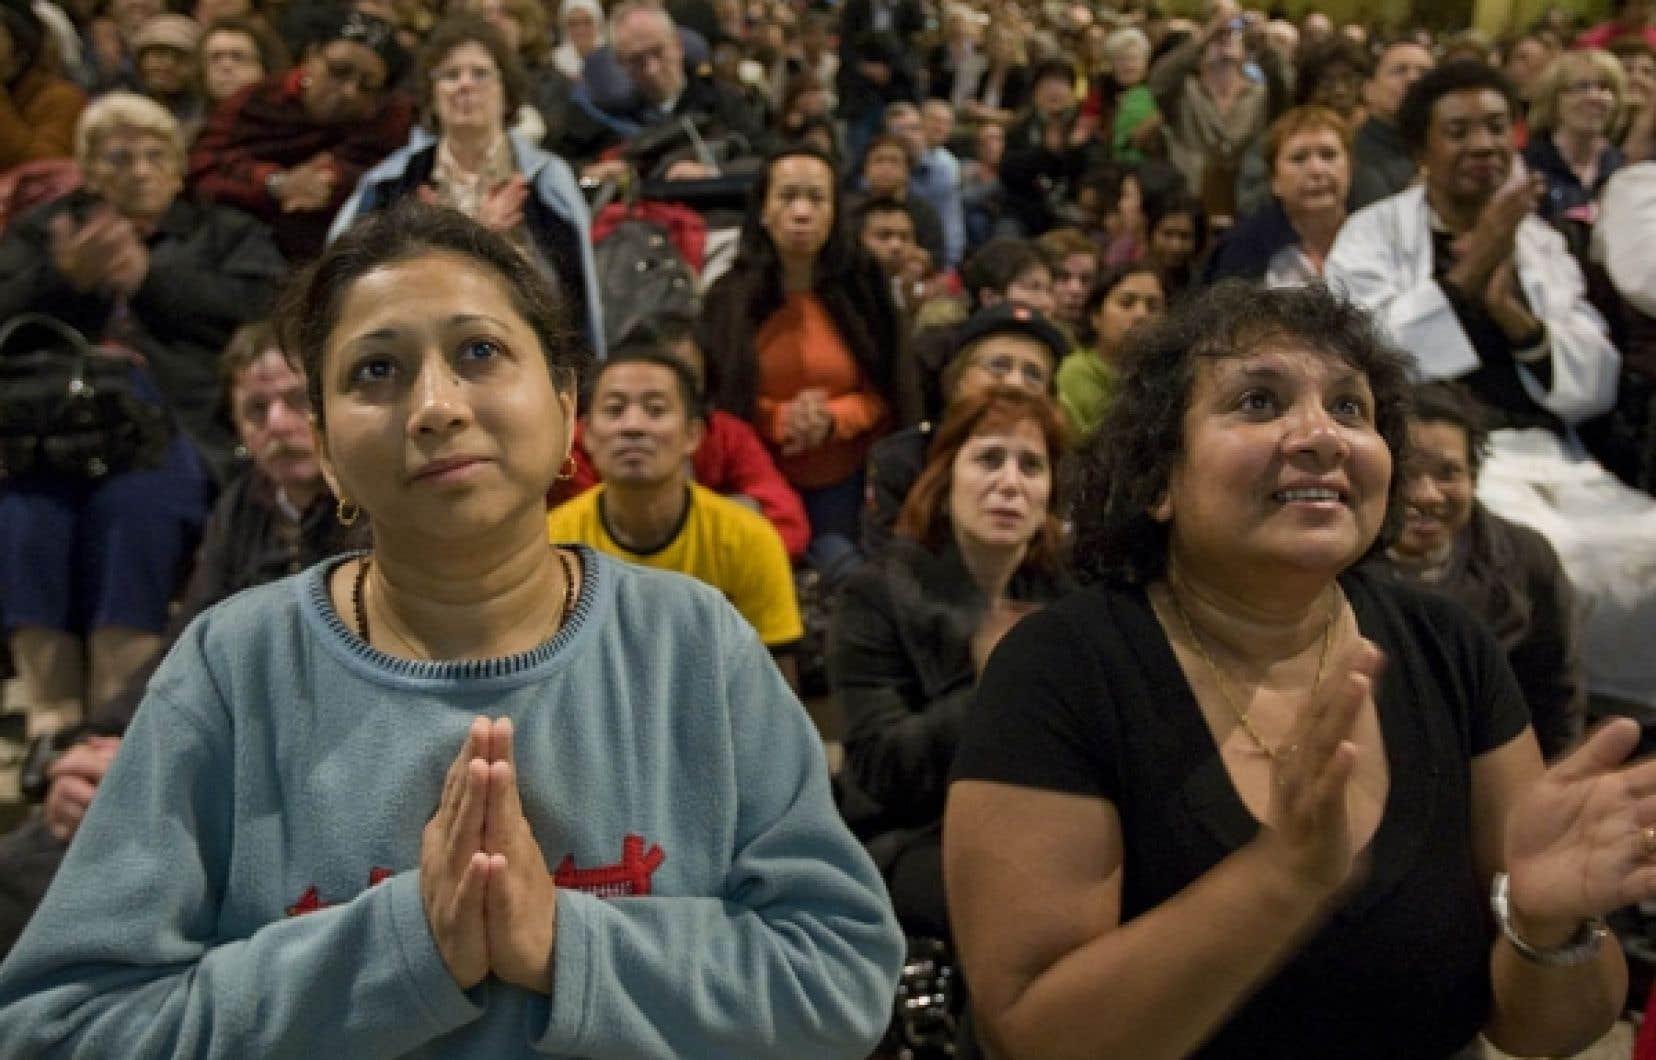 Les fidèles, fiers et émus, se sont levés d'un bond et ont applaudi lorsque le pape a confirmé l'accession du frère André à la sainteté.<br />